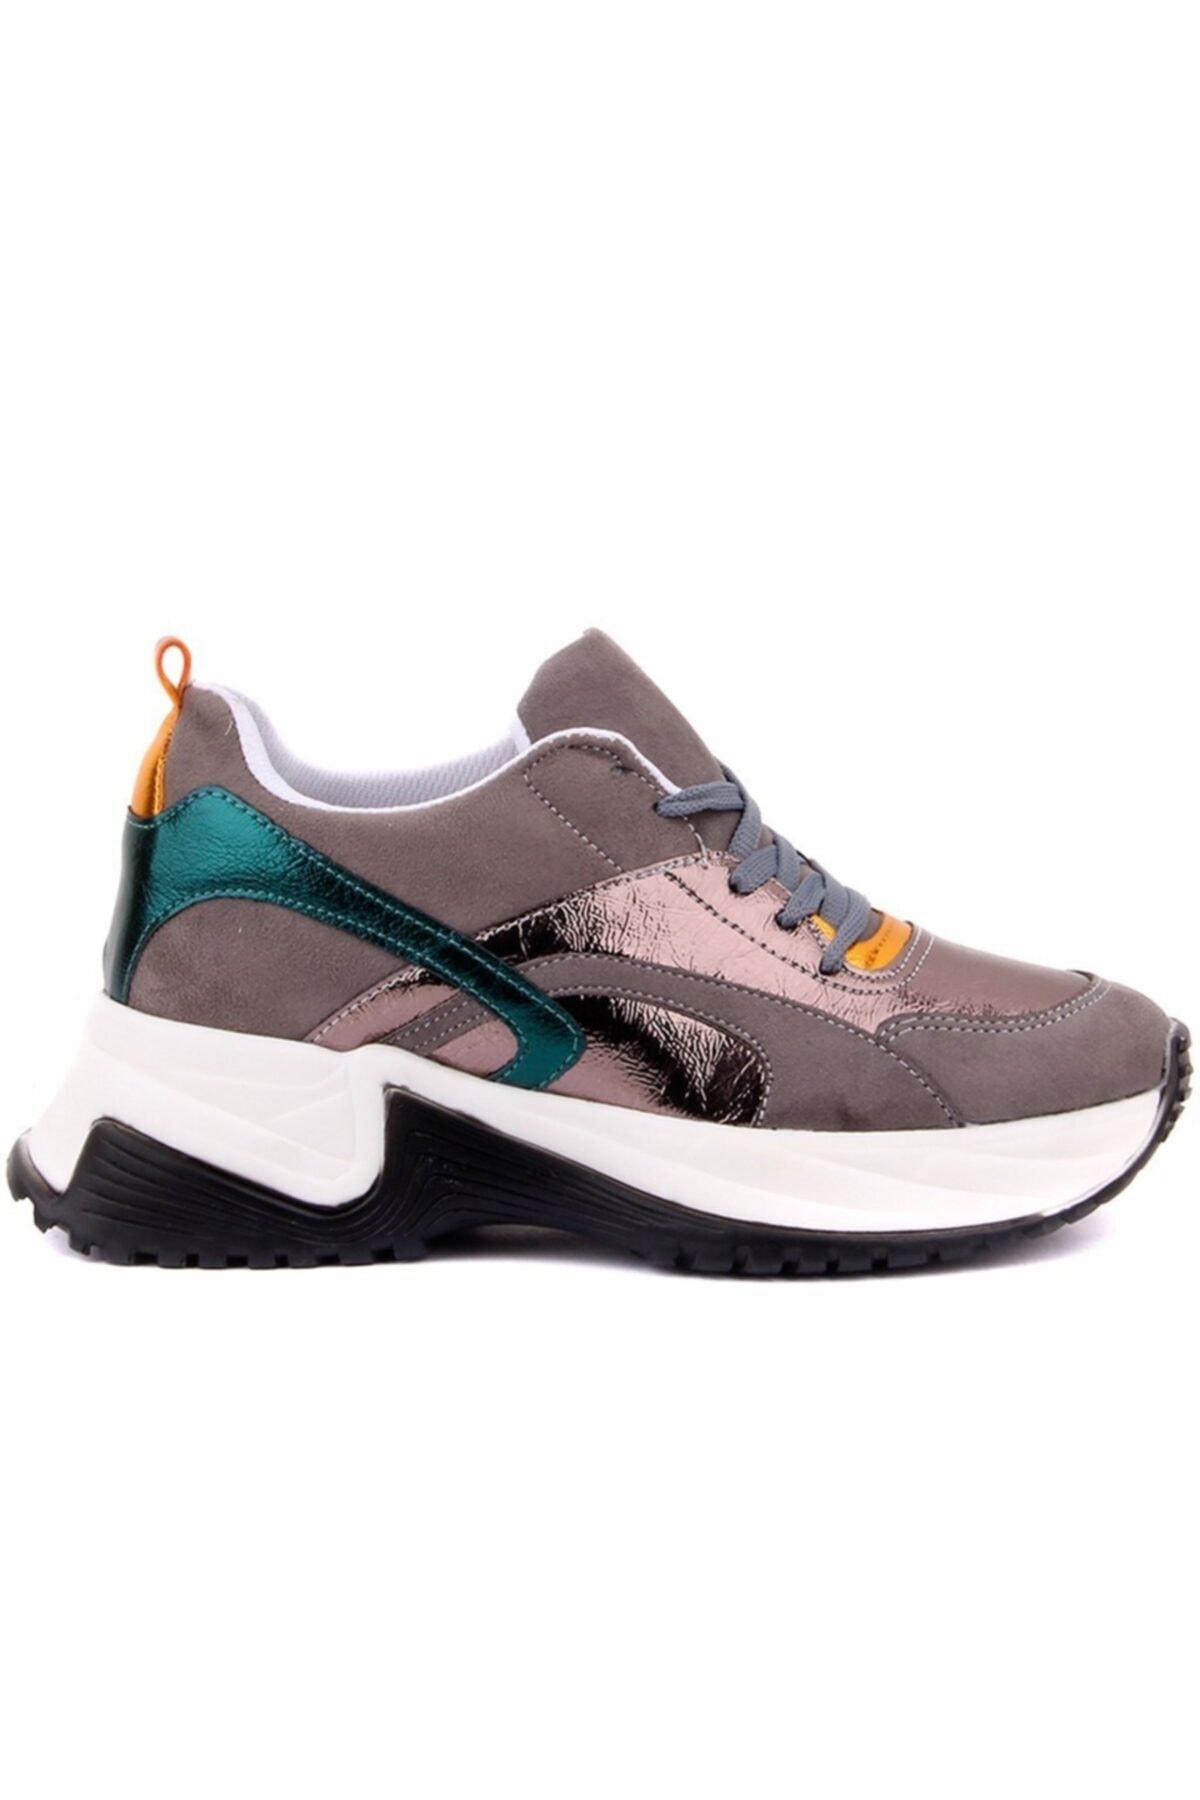 Pierre Cardin Kadın Füme Günlük Ayakkabı 1